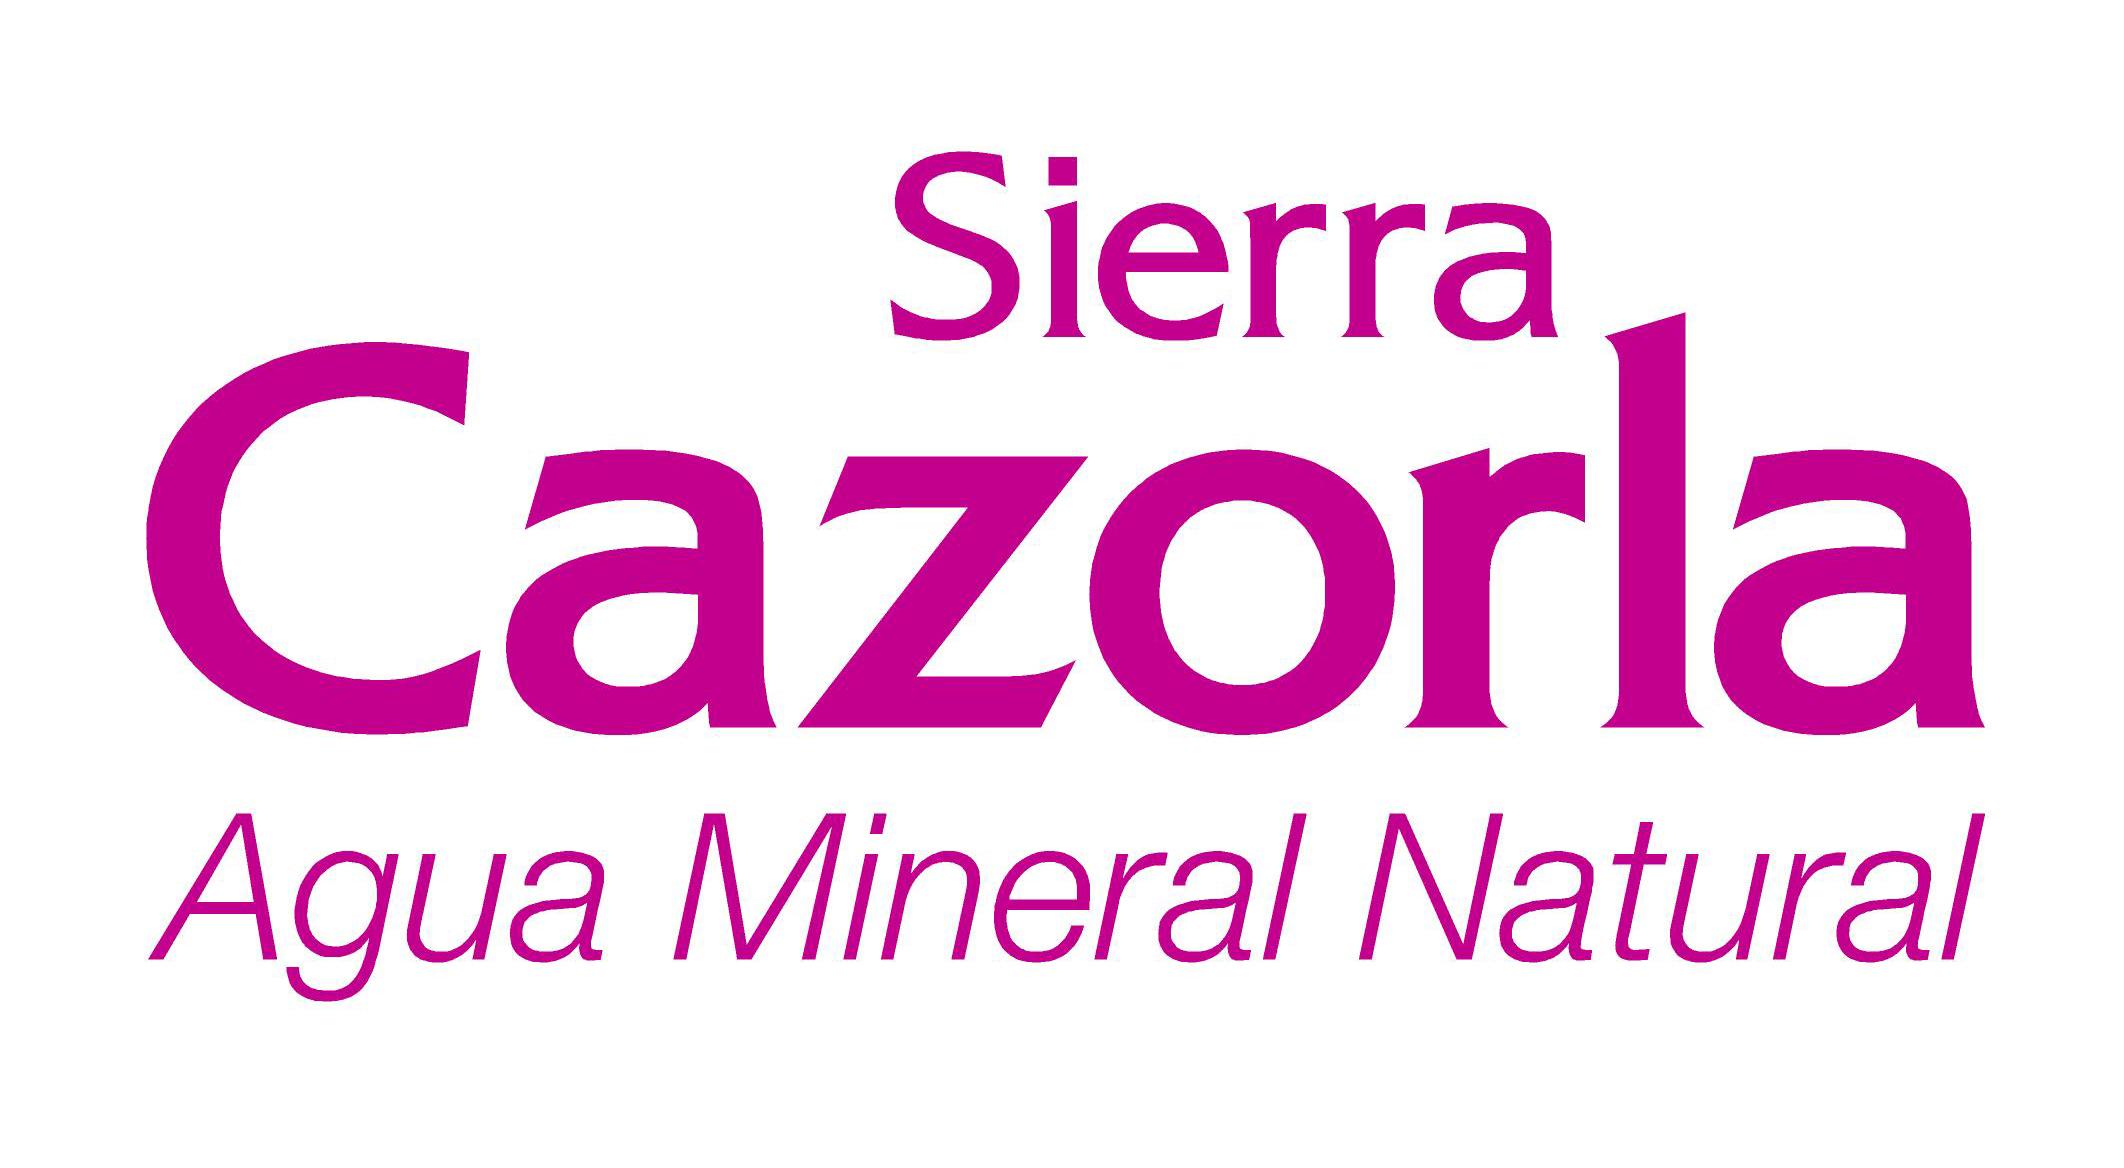 Sierra Cazorla. Agua Mineral Natural